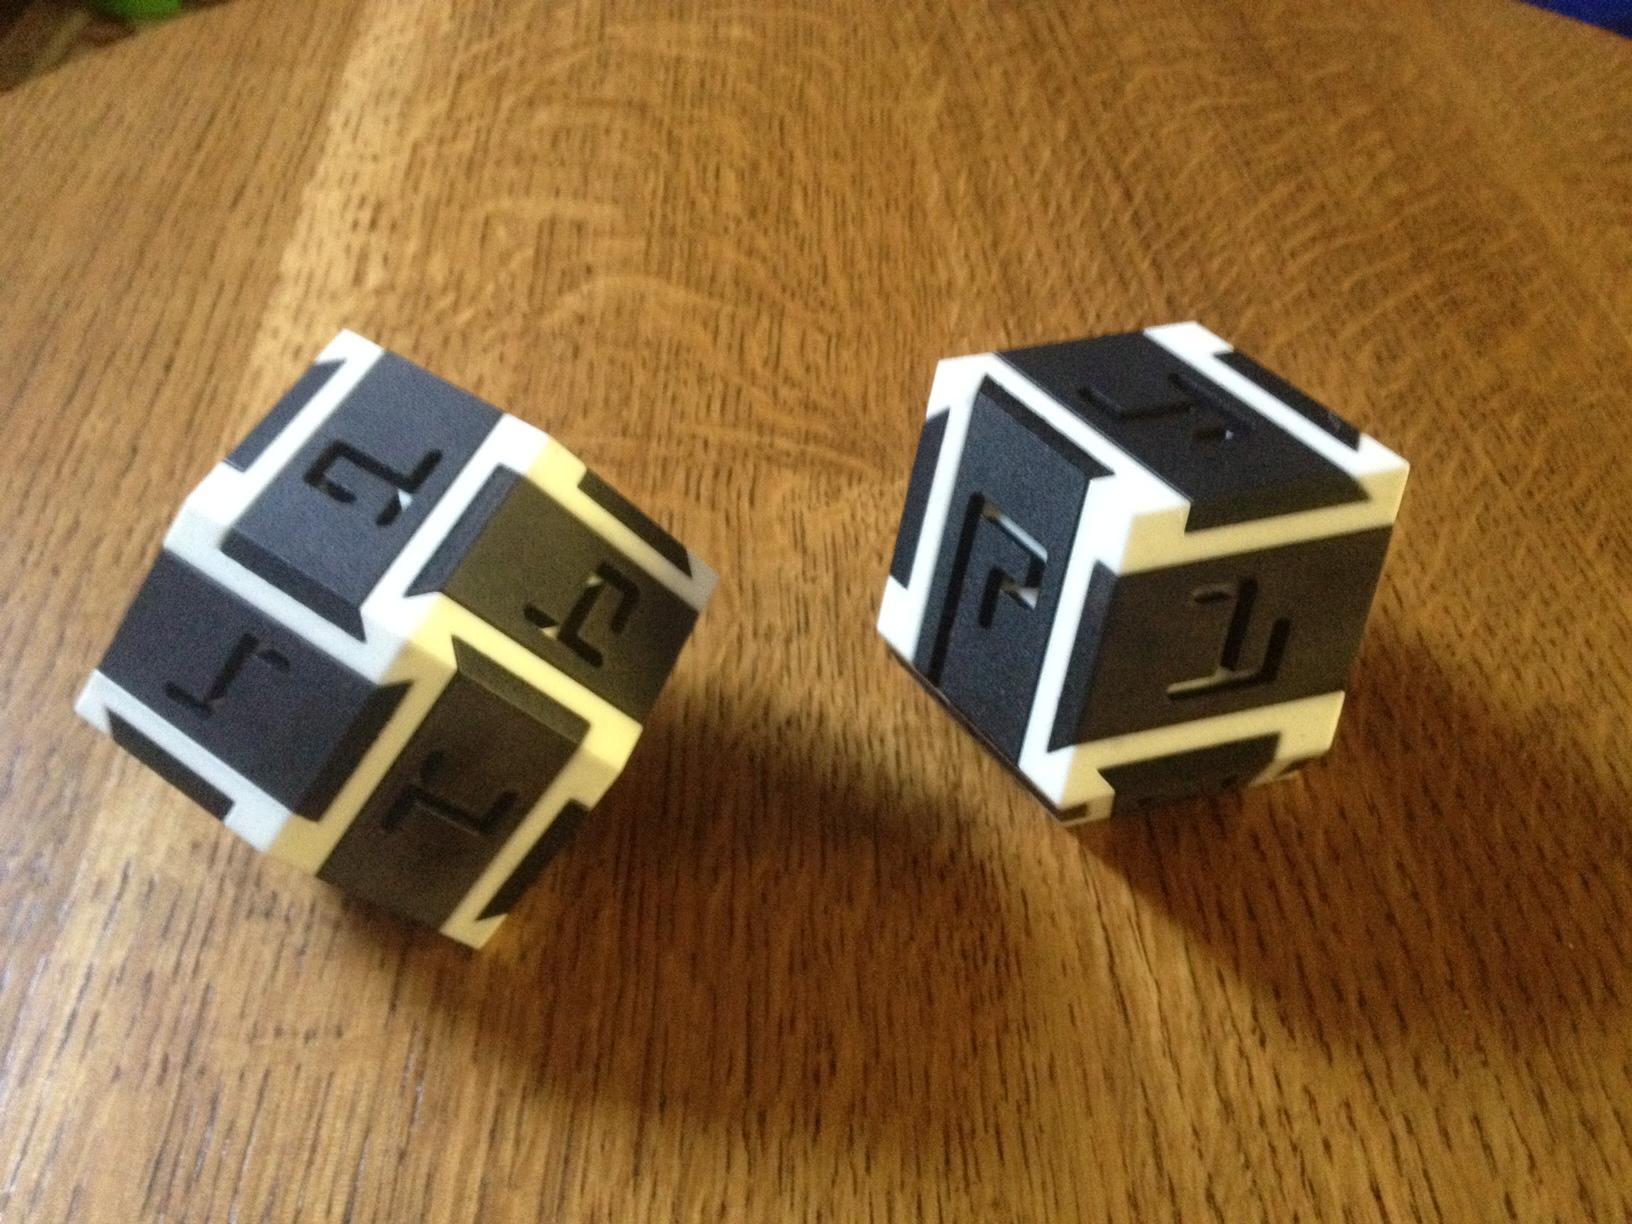 Derek Bosch's Rhombic Maze Burr Puzzles